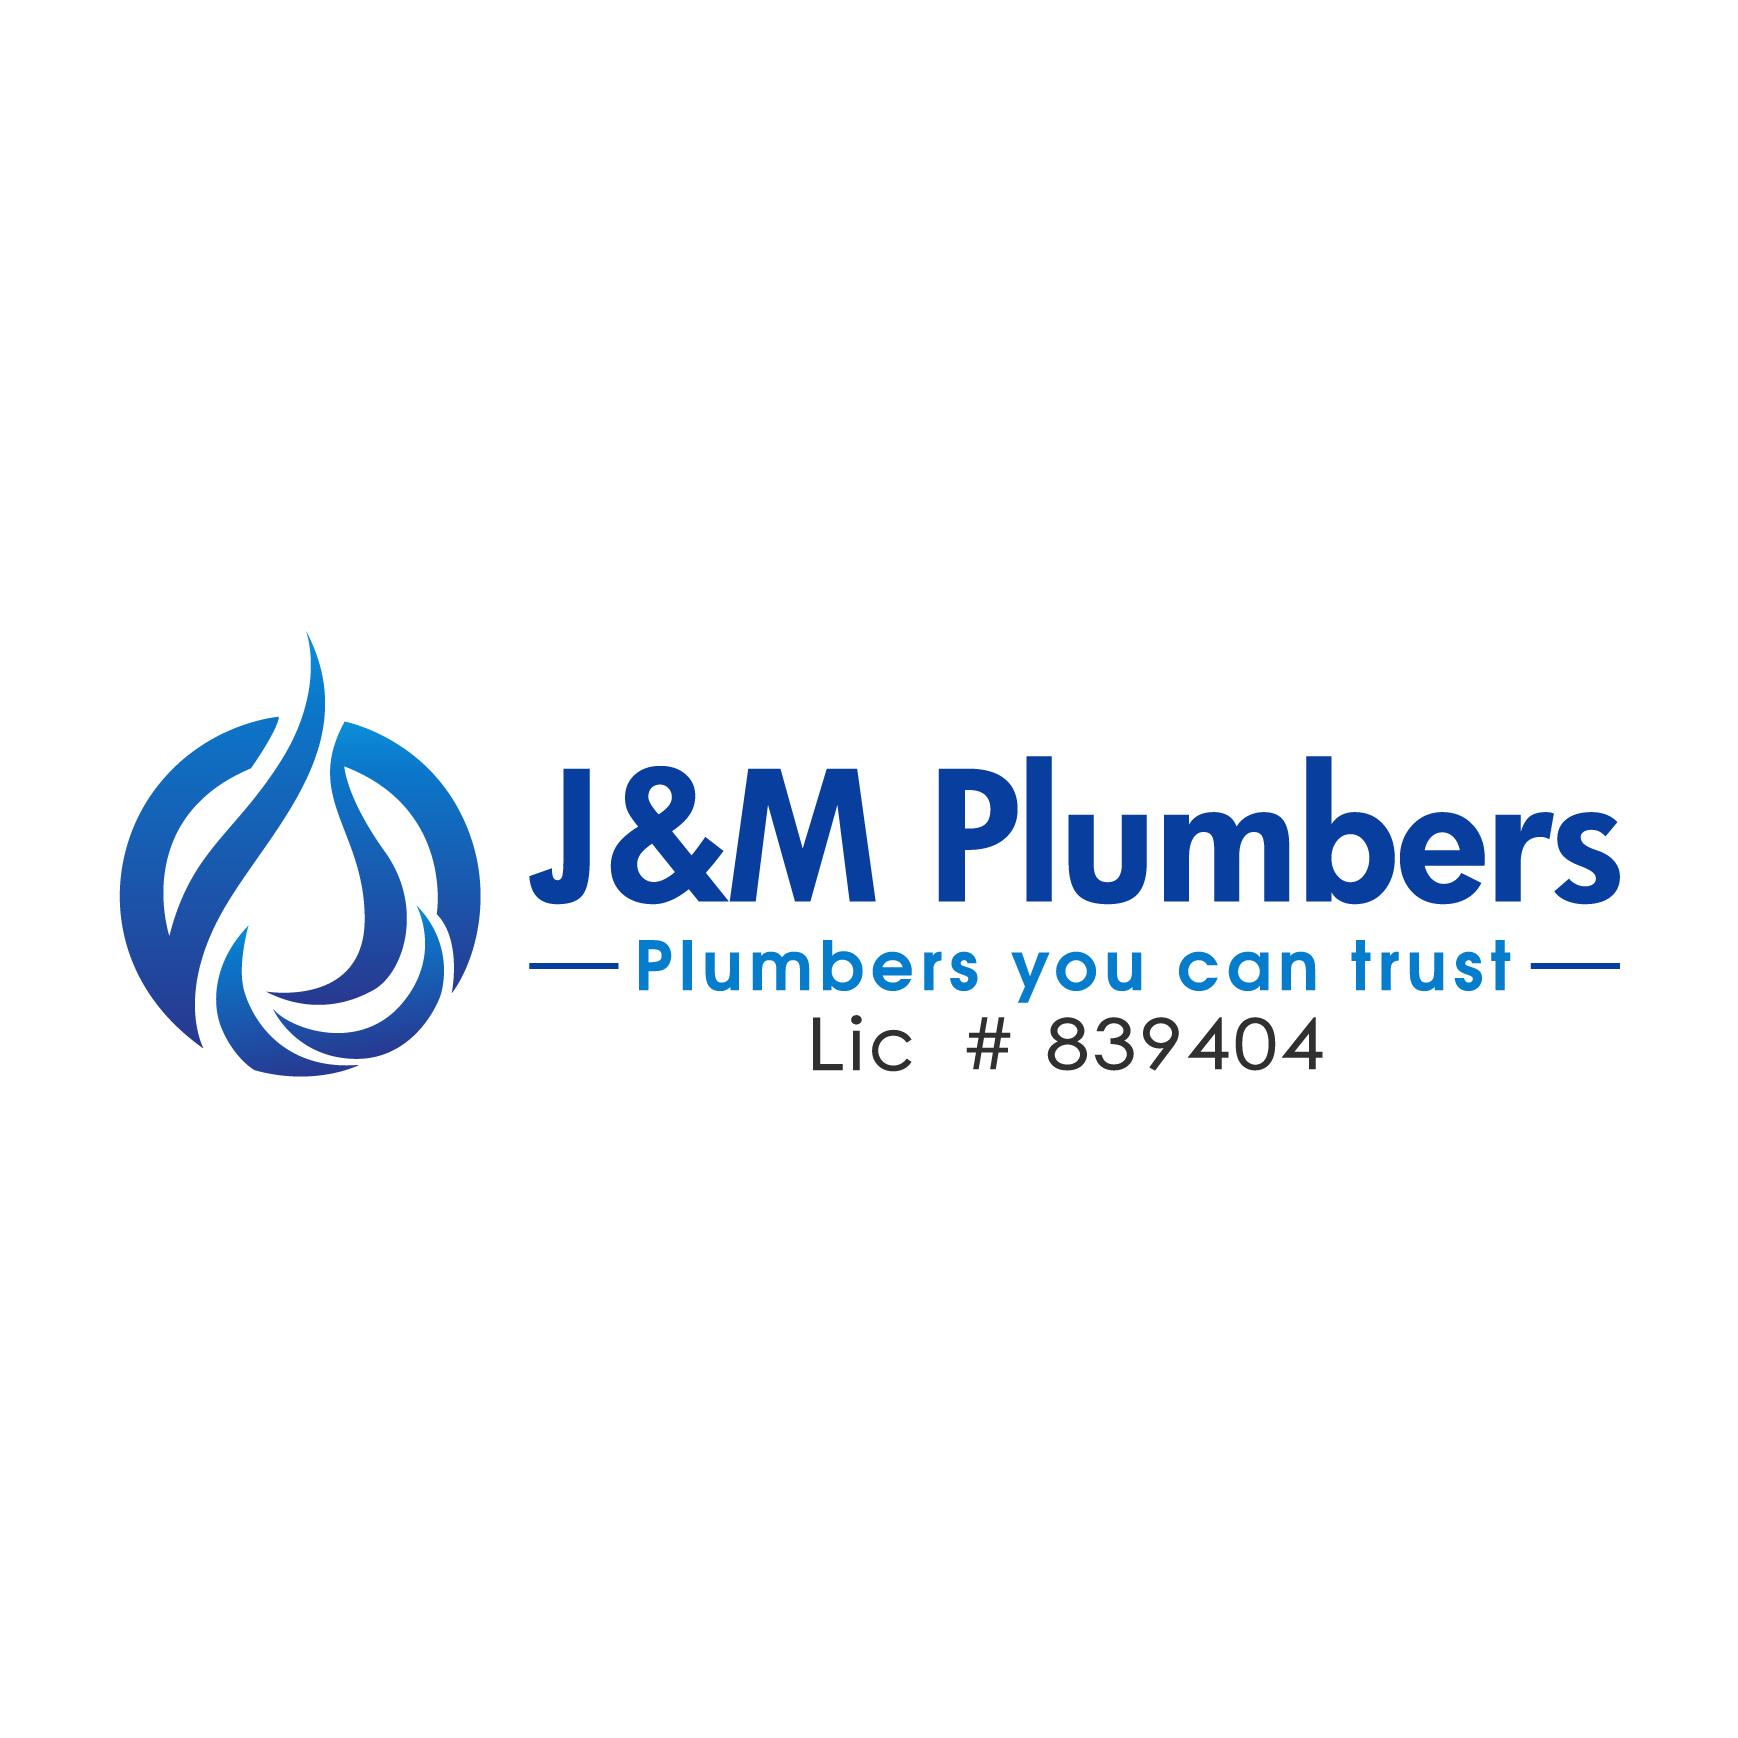 J&M Plumbers